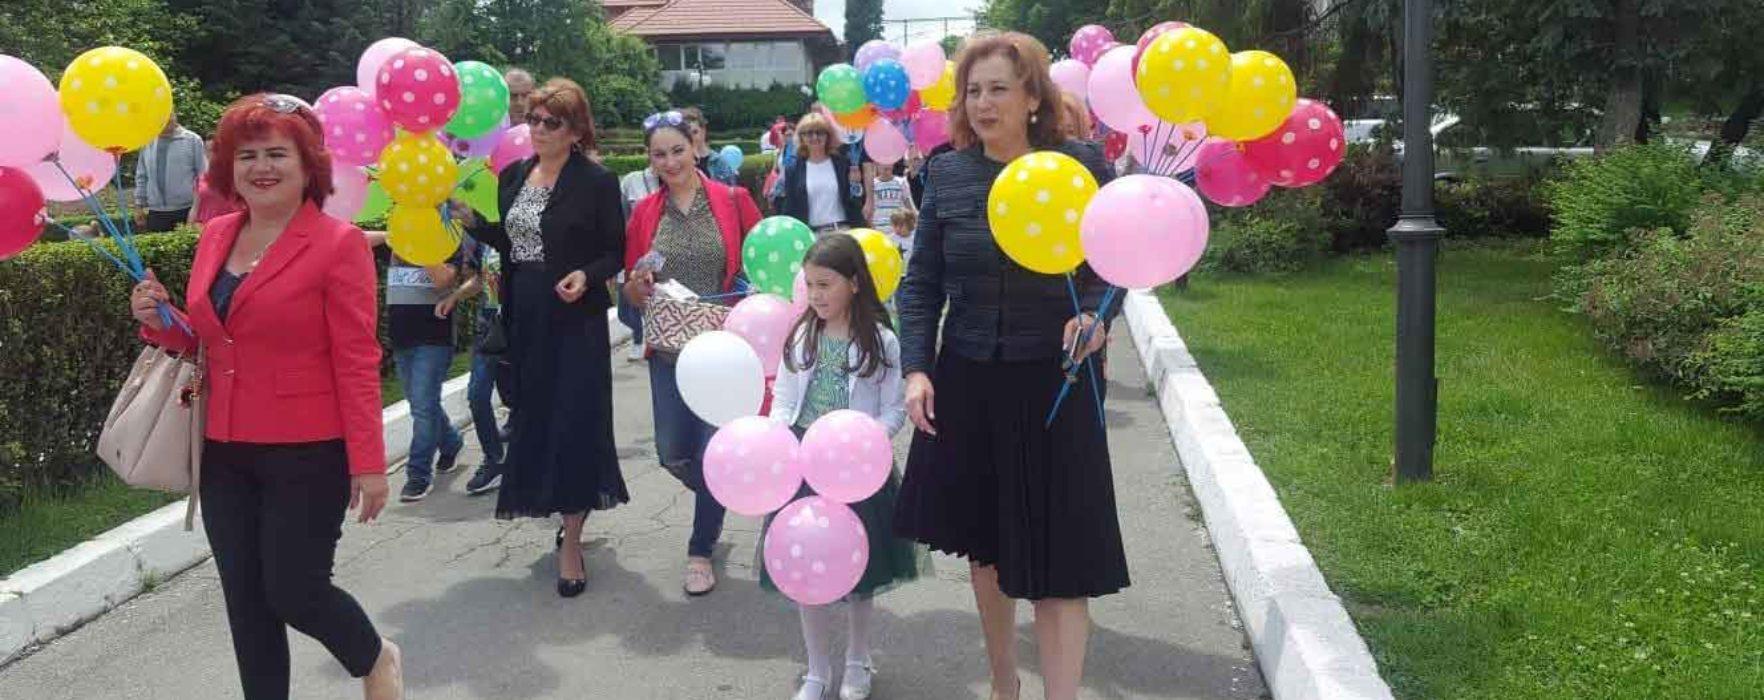 Surprize dulci și baloane colorate oferite de femeile social-democrate copiilor din municipiul Târgoviște, de 1 iunie